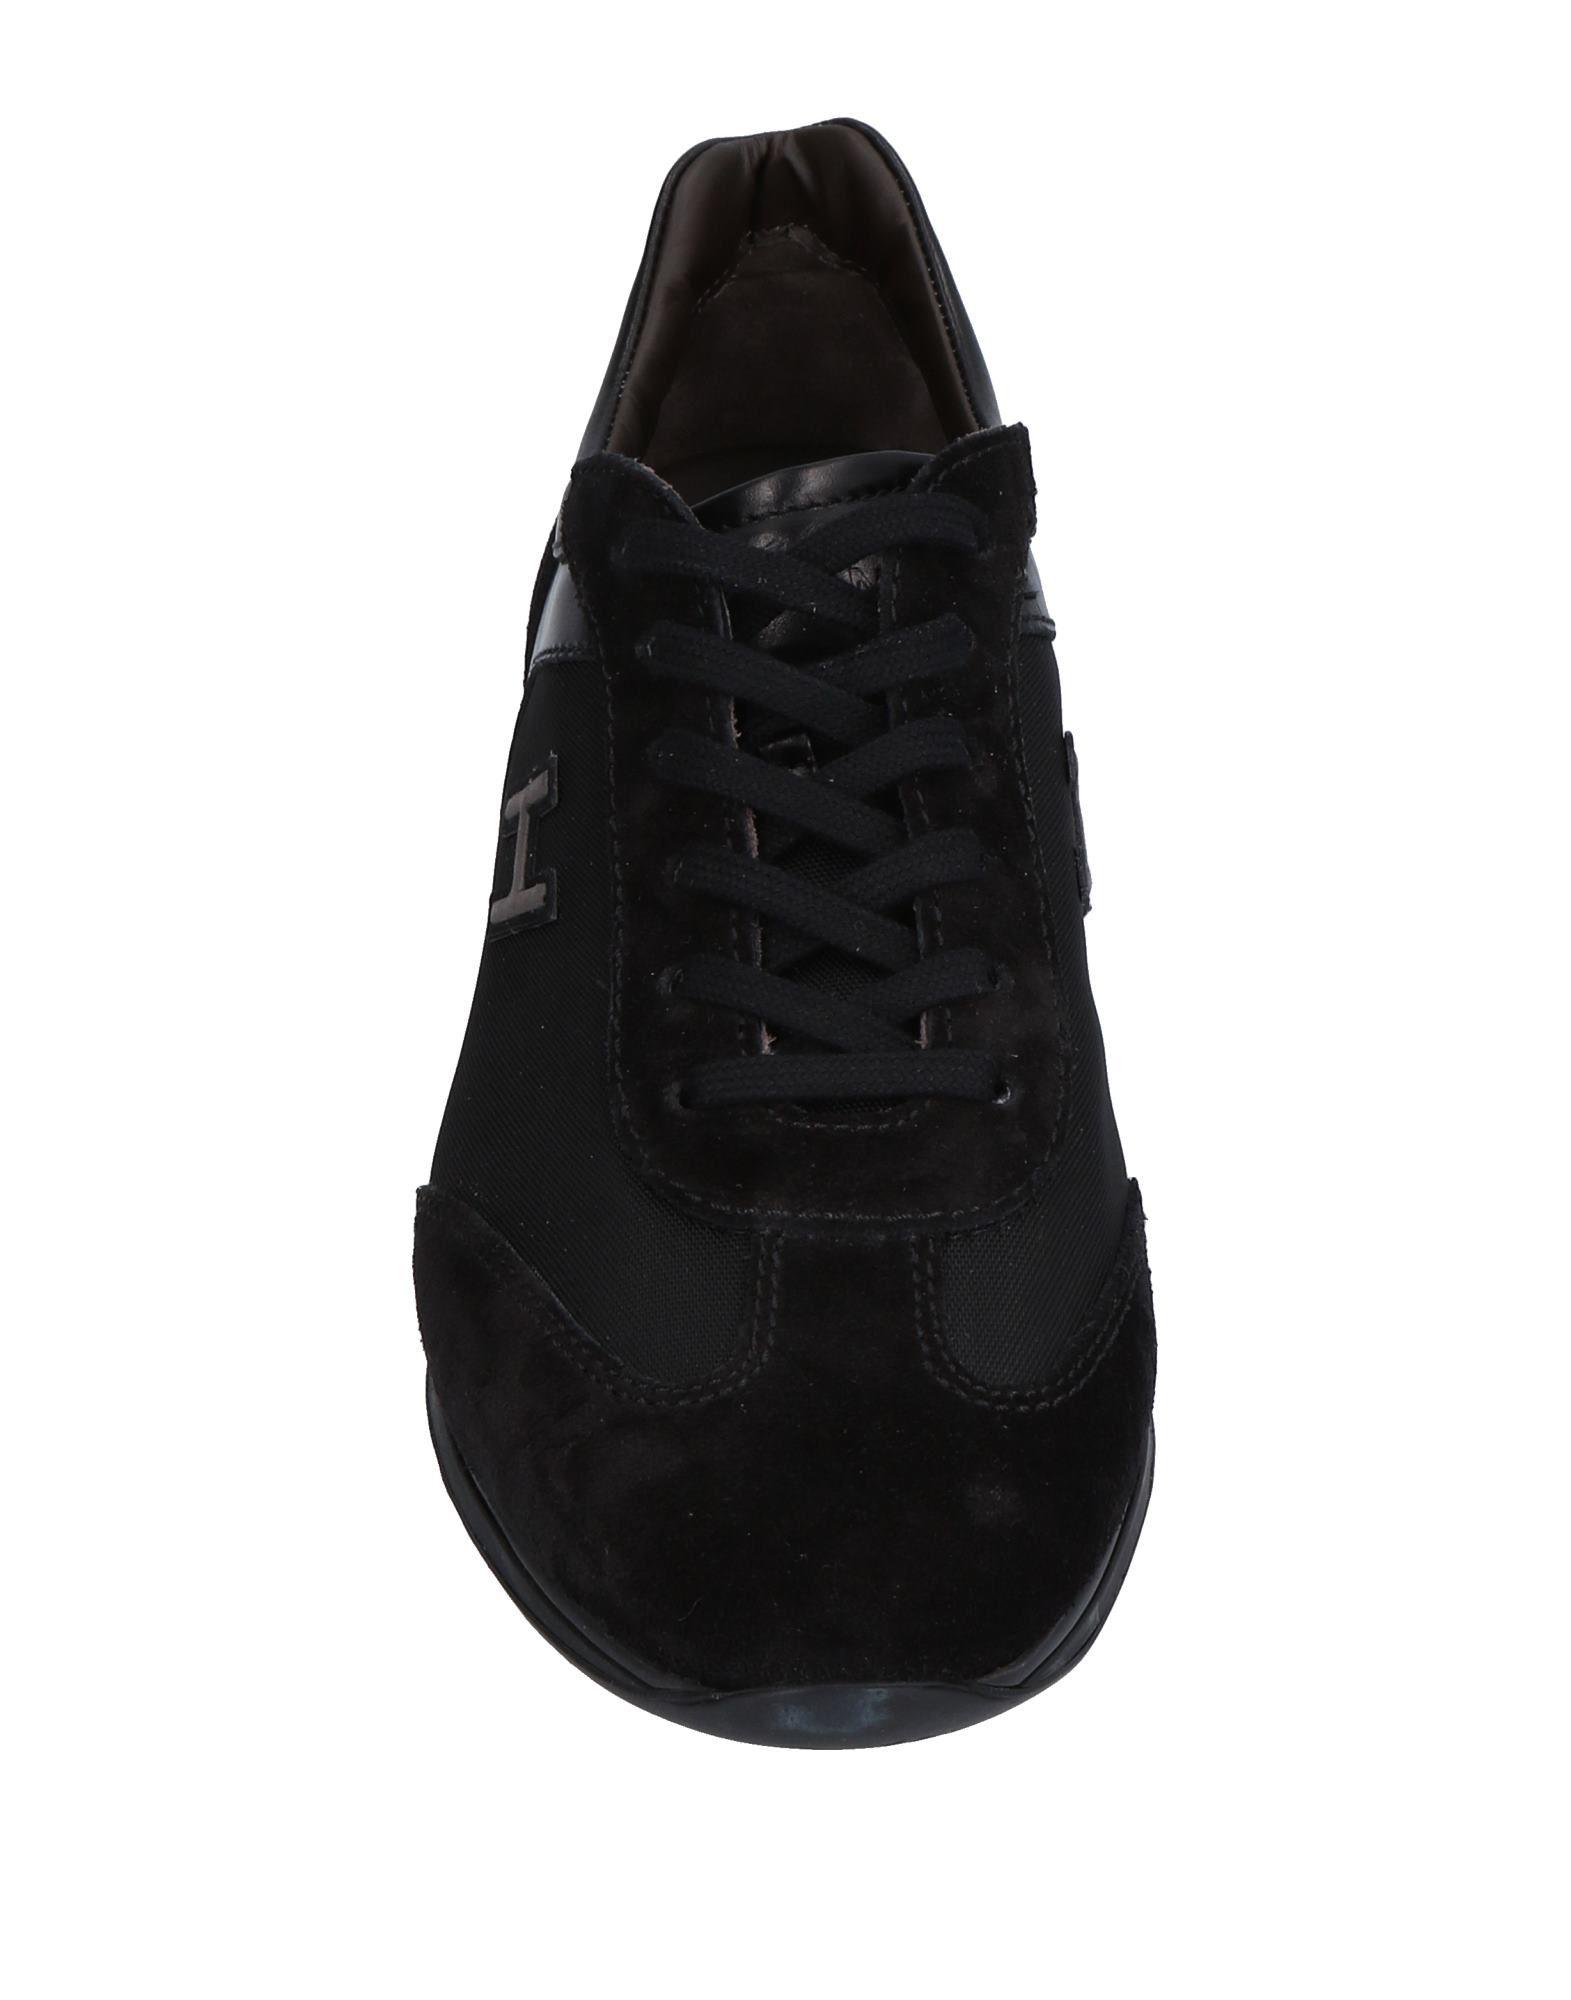 Hogan Sneakers Herren   11289264BX Heiße Schuhe eef0e7